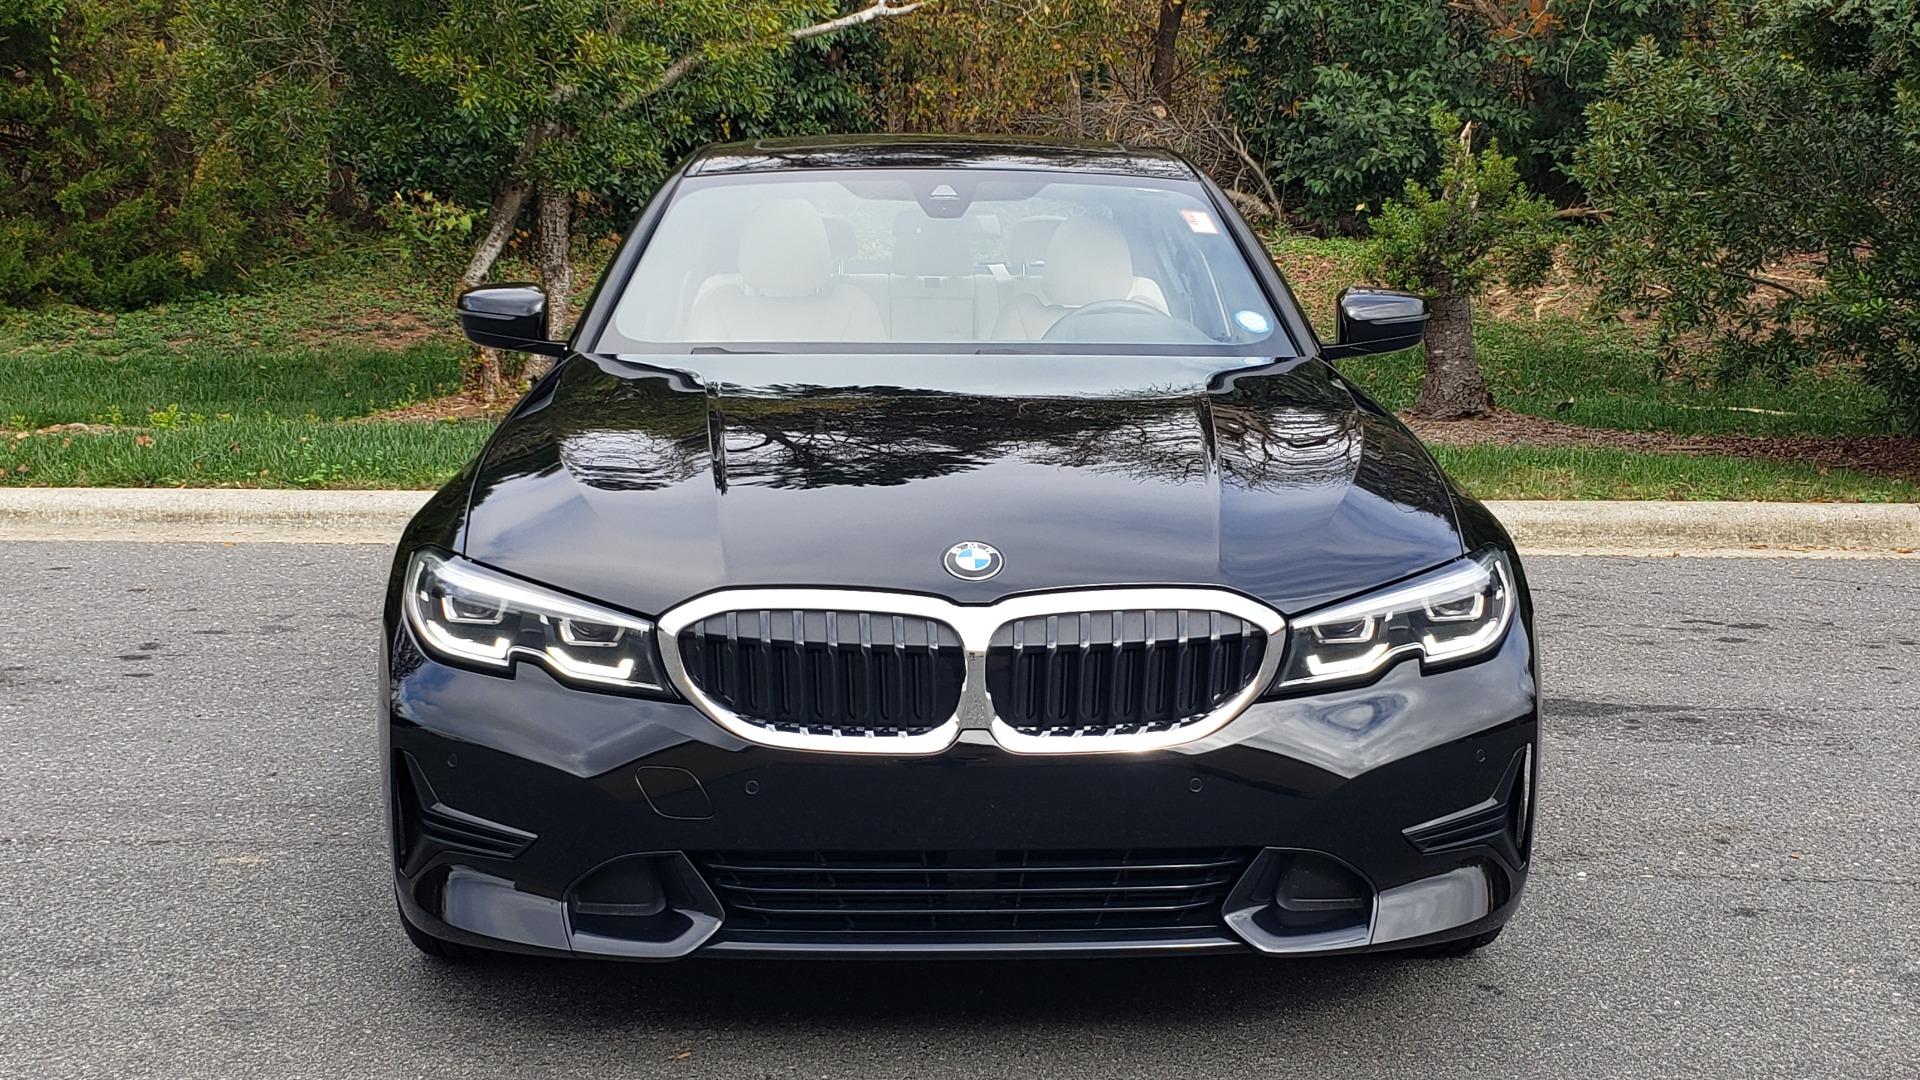 Used 2019 BMW 3 SERIES 330I PREM PKG / NAV / CONV PKG / H&K SND / LIVE COCKPIT PRO for sale Sold at Formula Imports in Charlotte NC 28227 18